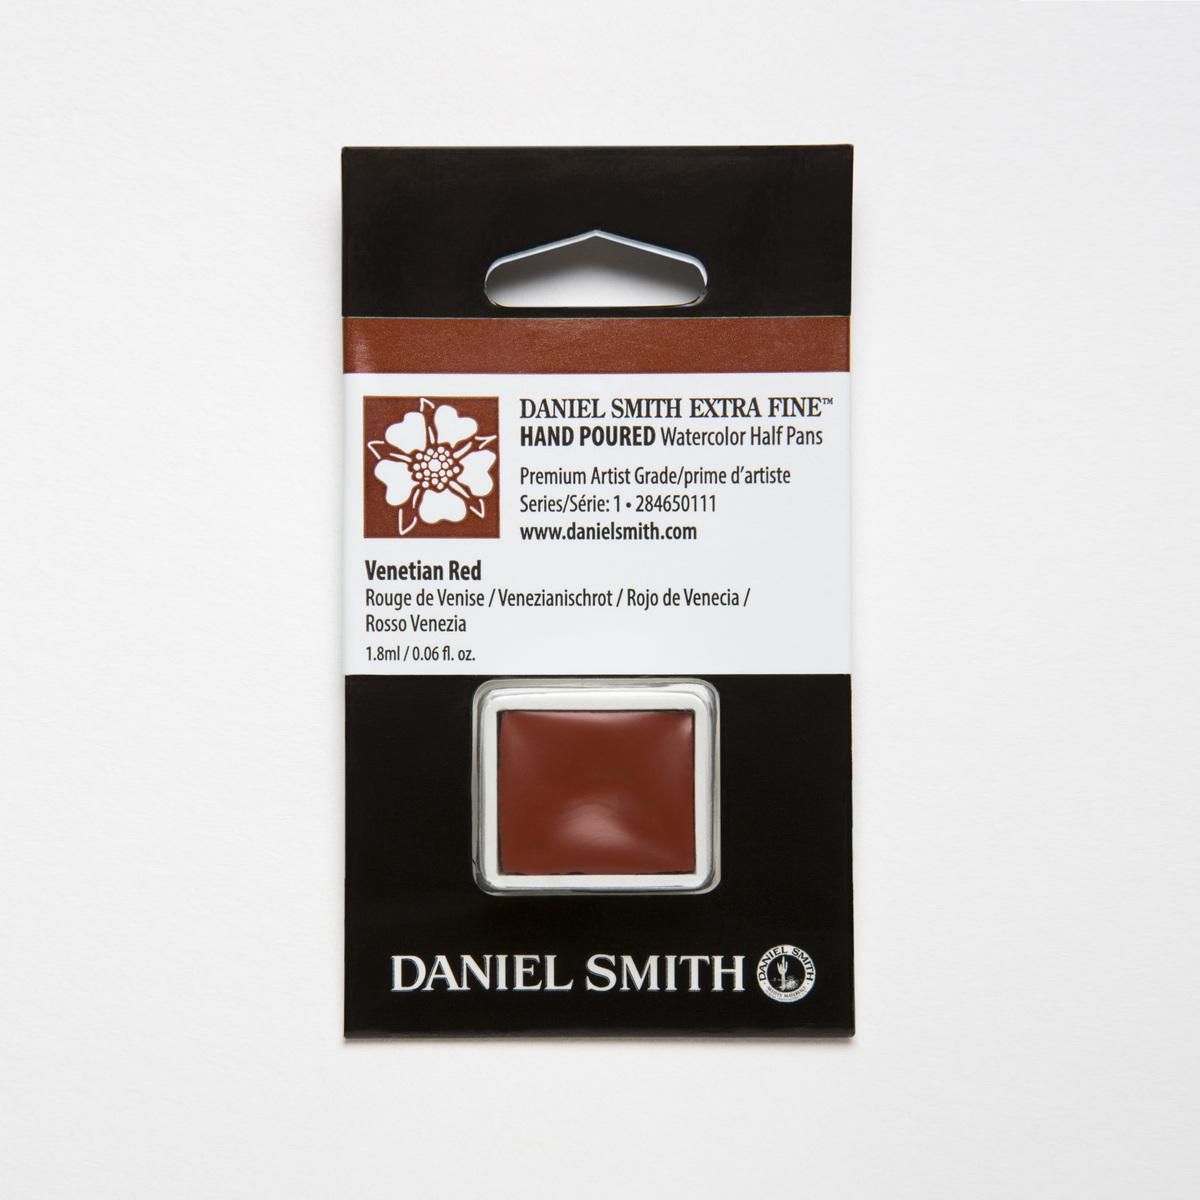 DANIEL 激安セール SMITH 低廉 ベネチアンレッド Venetian Red ハーフパン ダニエル スミス 水彩絵具